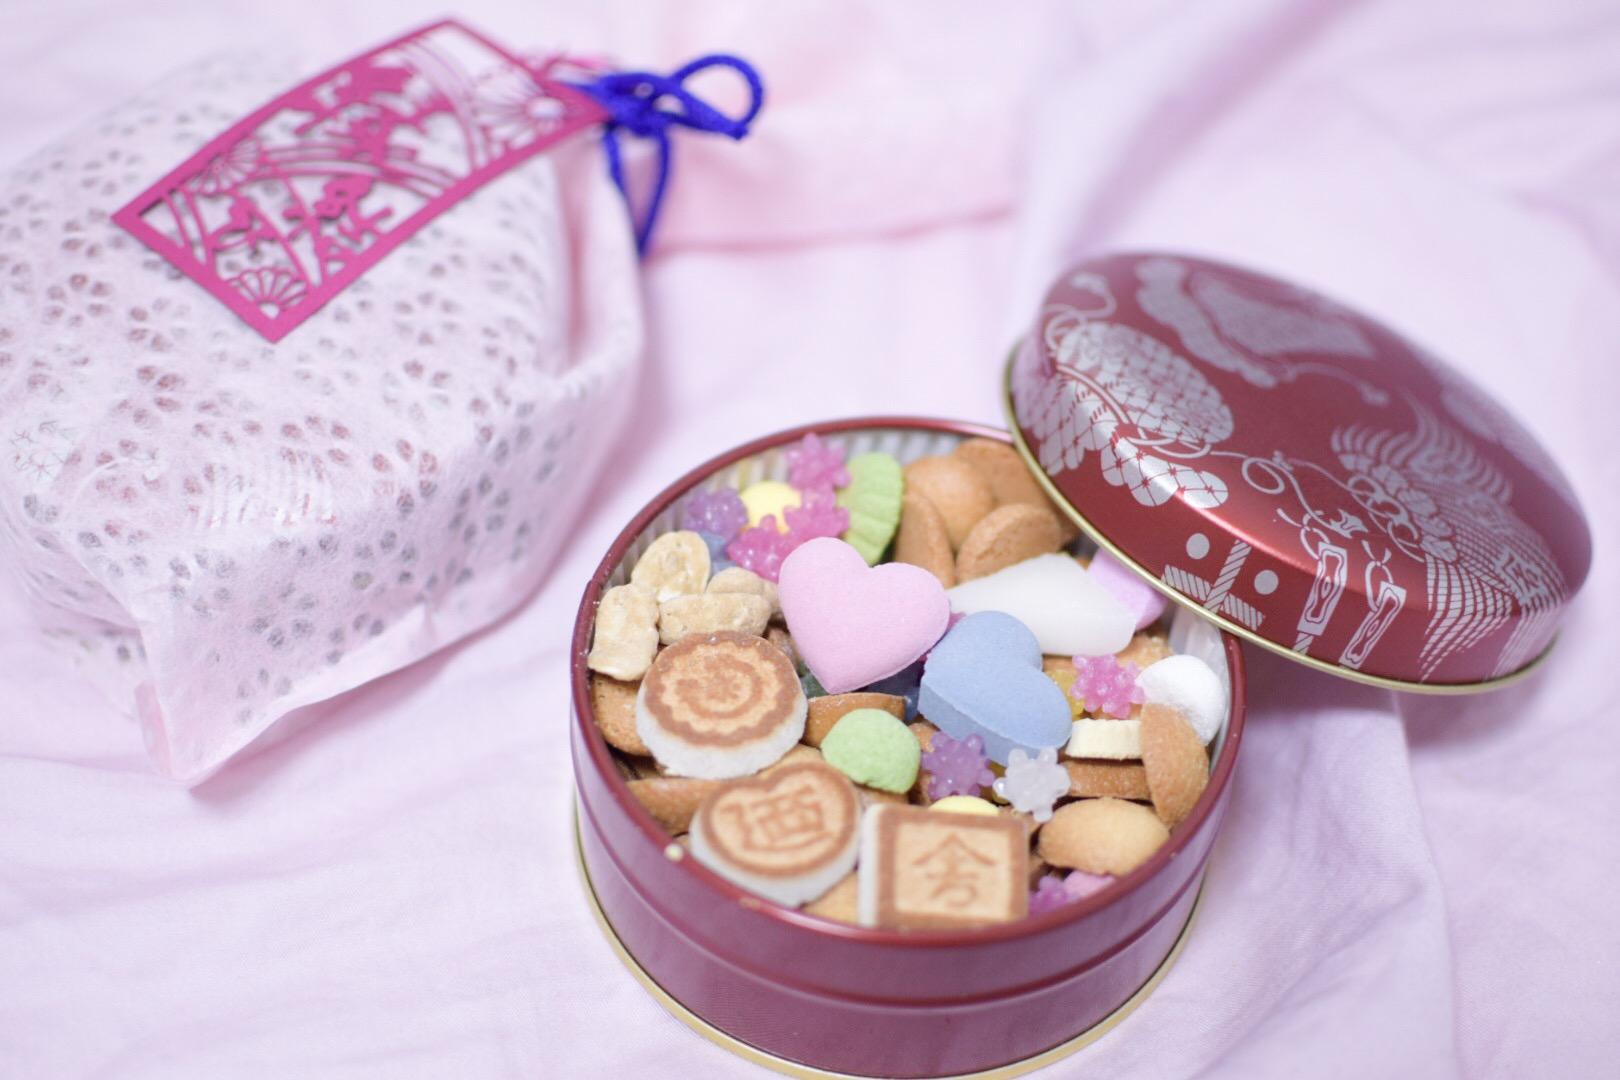 【東京土産】江戸和菓子なのにインスタ映え間違いなし! 銀座 菊廼舎【クッキー缶】_1